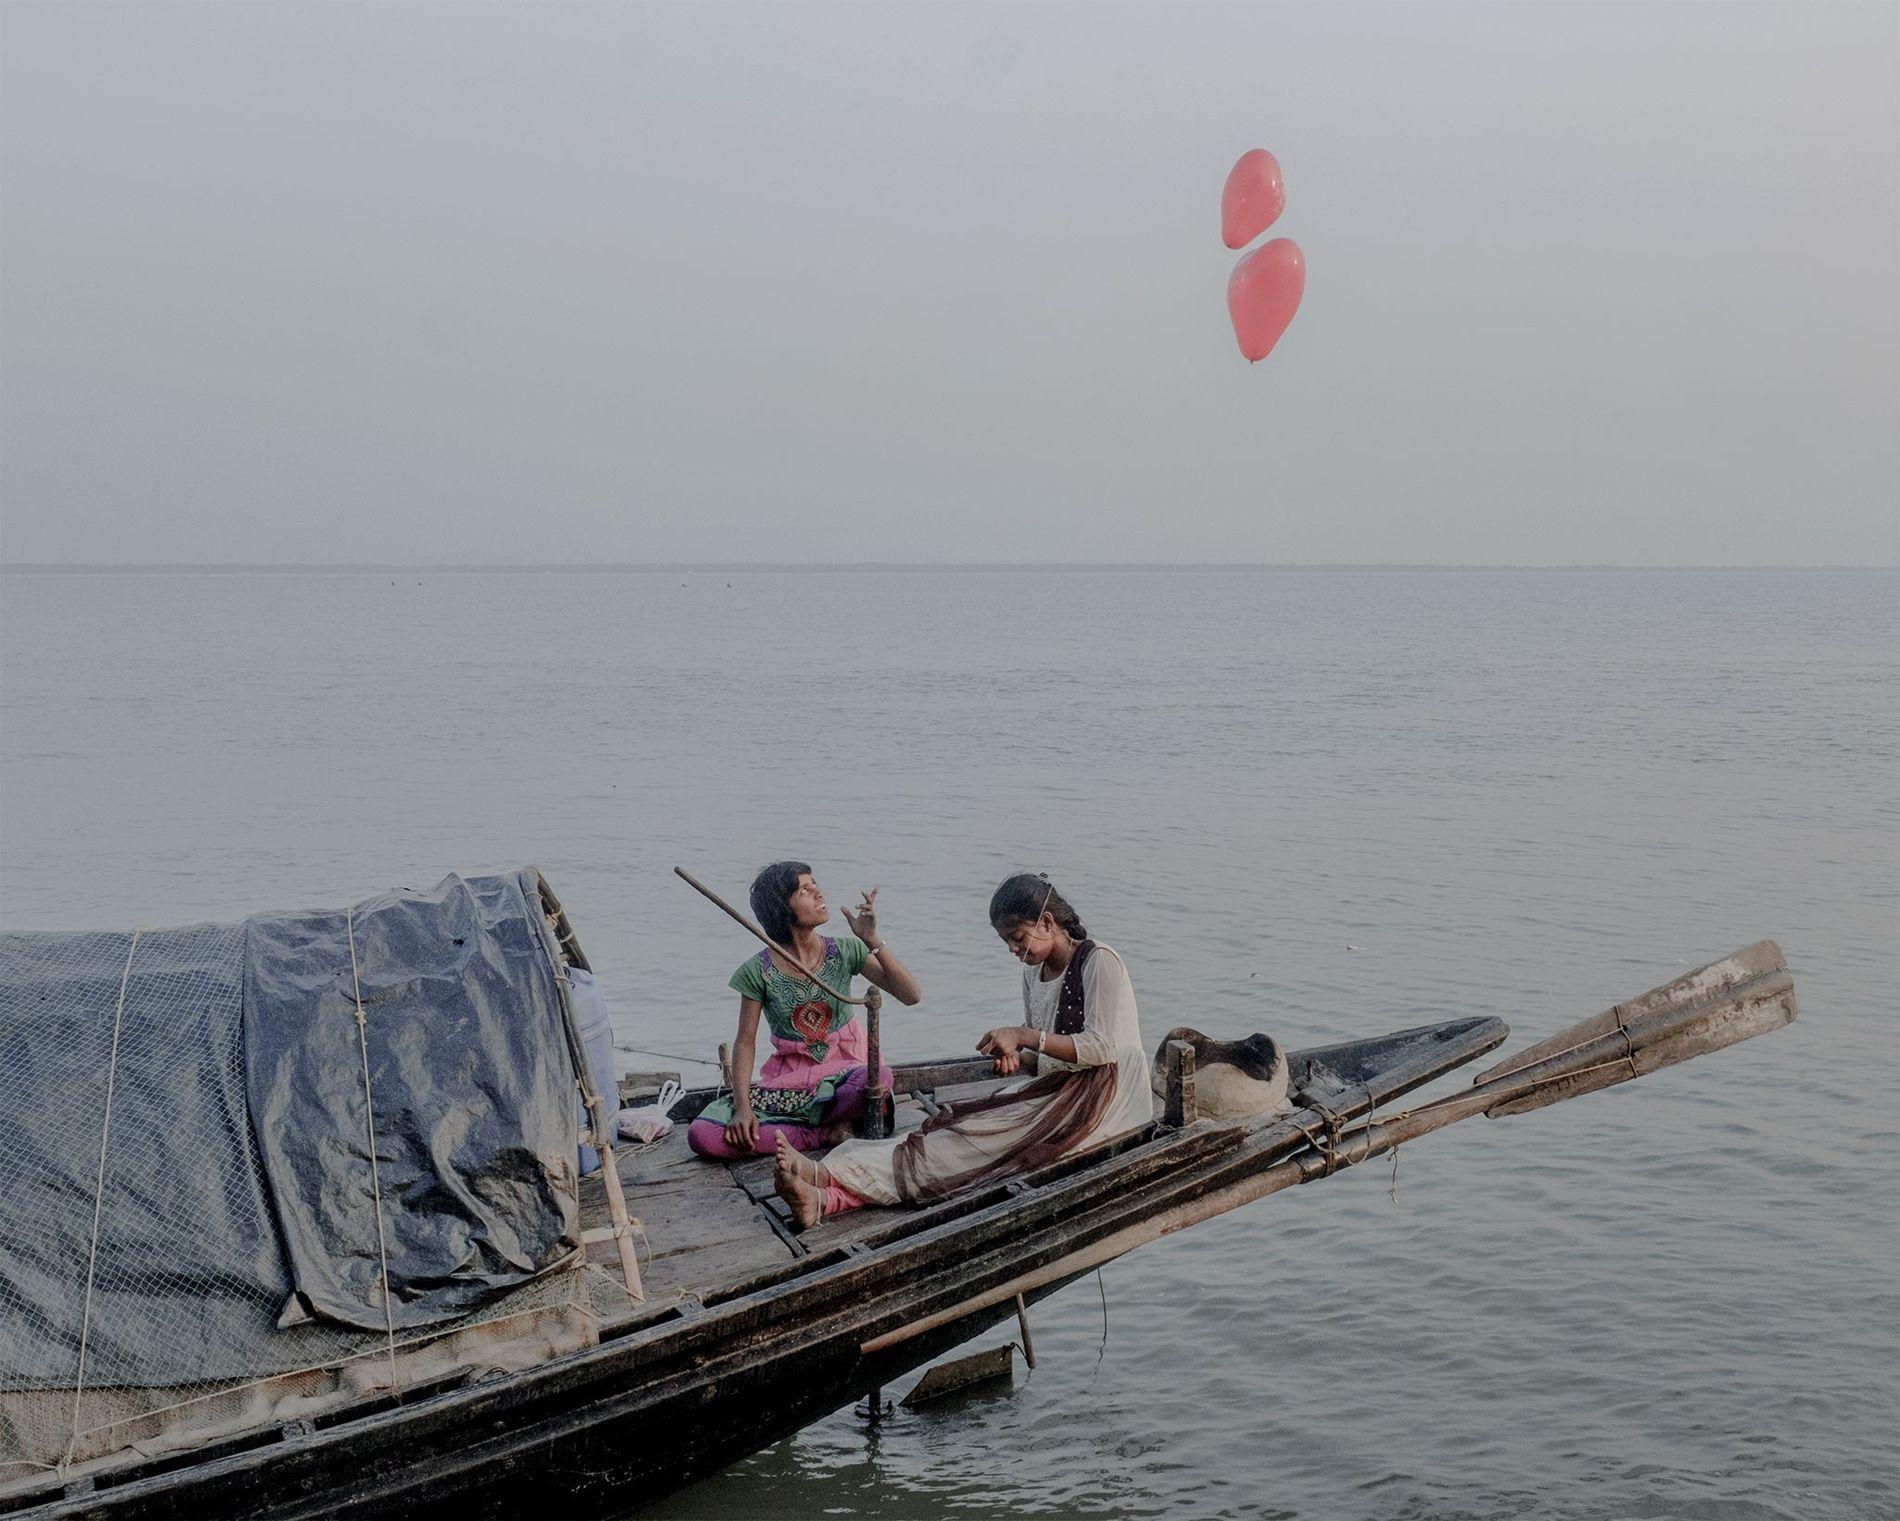 Duas mulheres navegam a bordo de uma embarcação em Sunderban Tiger Reserve, perto de Kolkata.